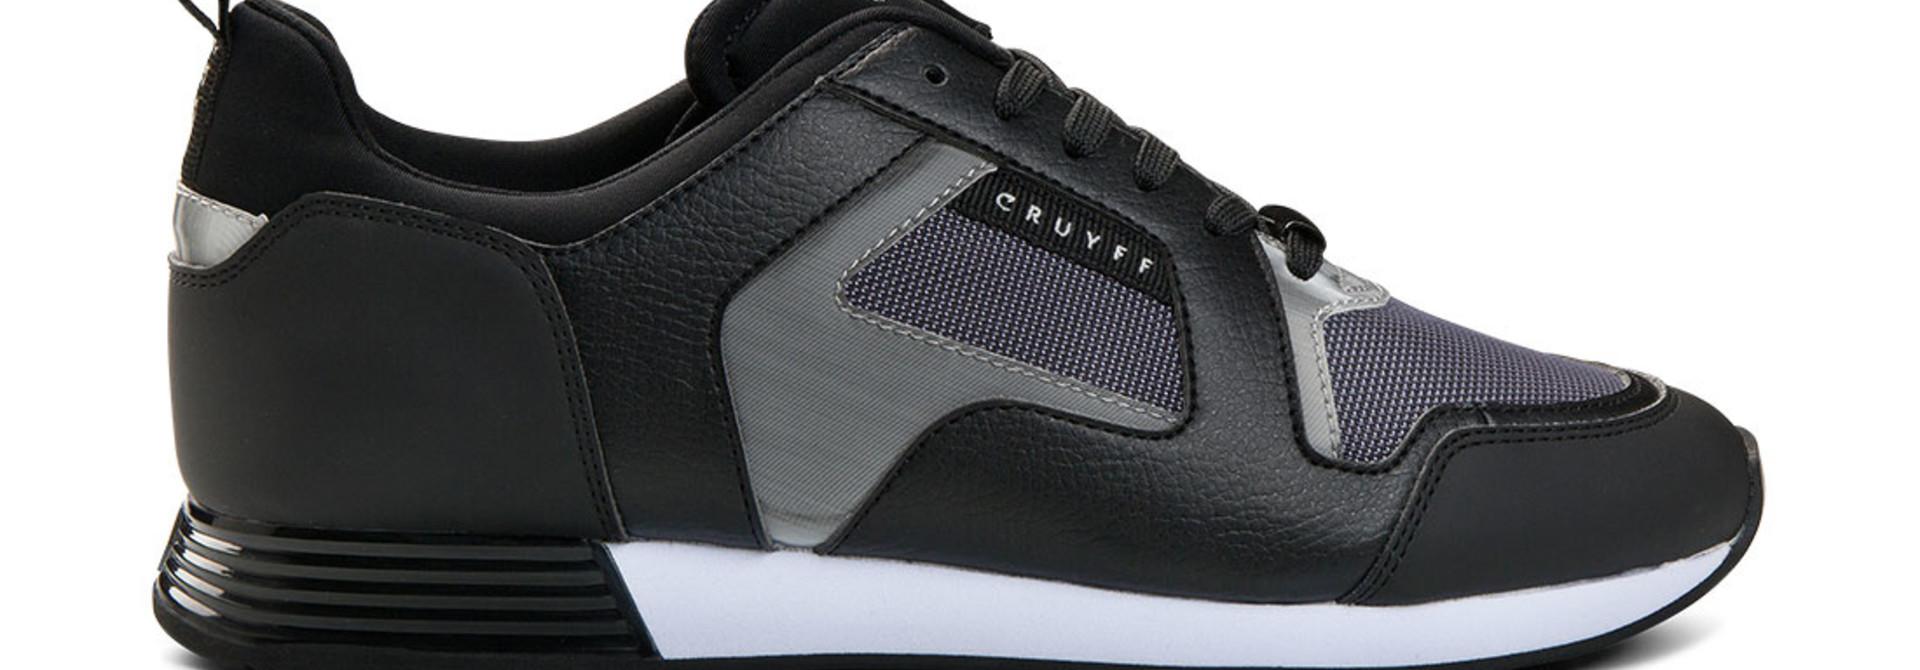 Cruyff Lusso